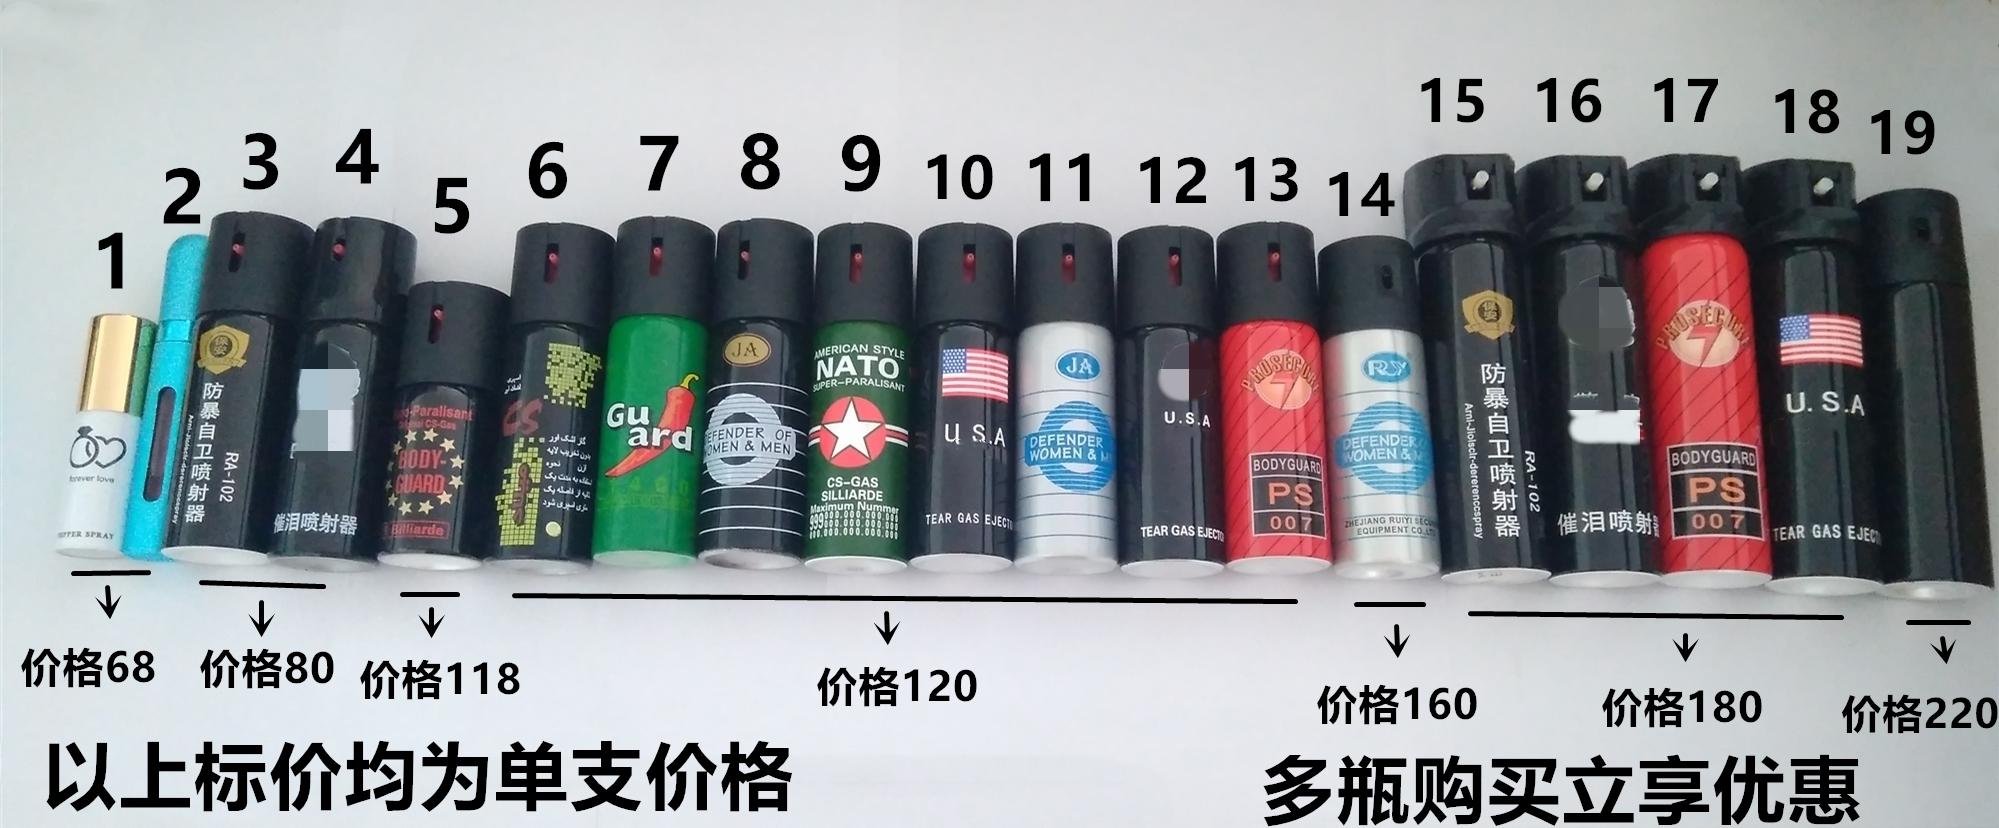 防身喷雾催泪剂